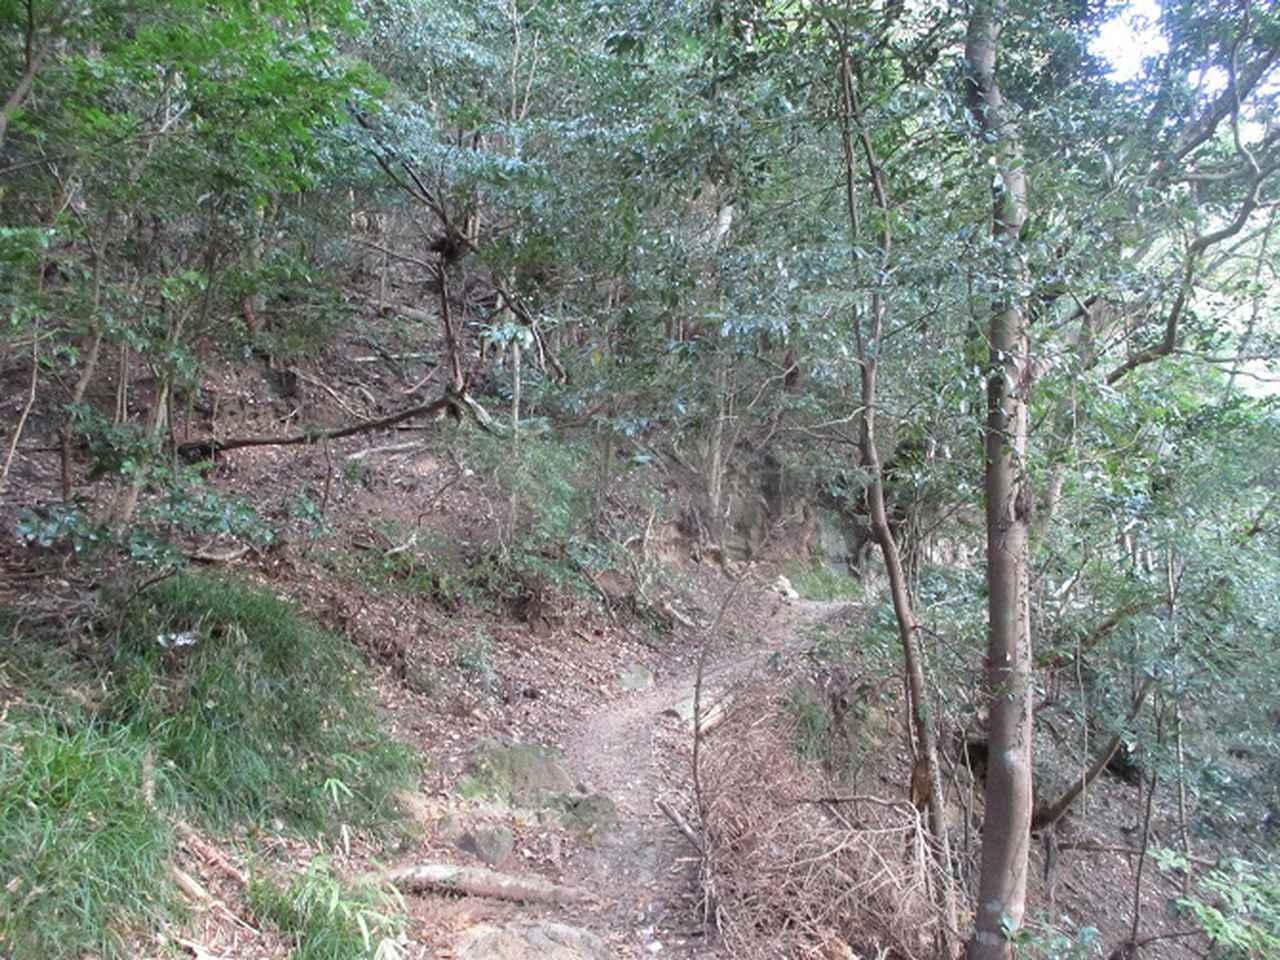 画像3: 11月の山旅会 「香嵐渓と鳳来寺山」 の下見に行ってきました!